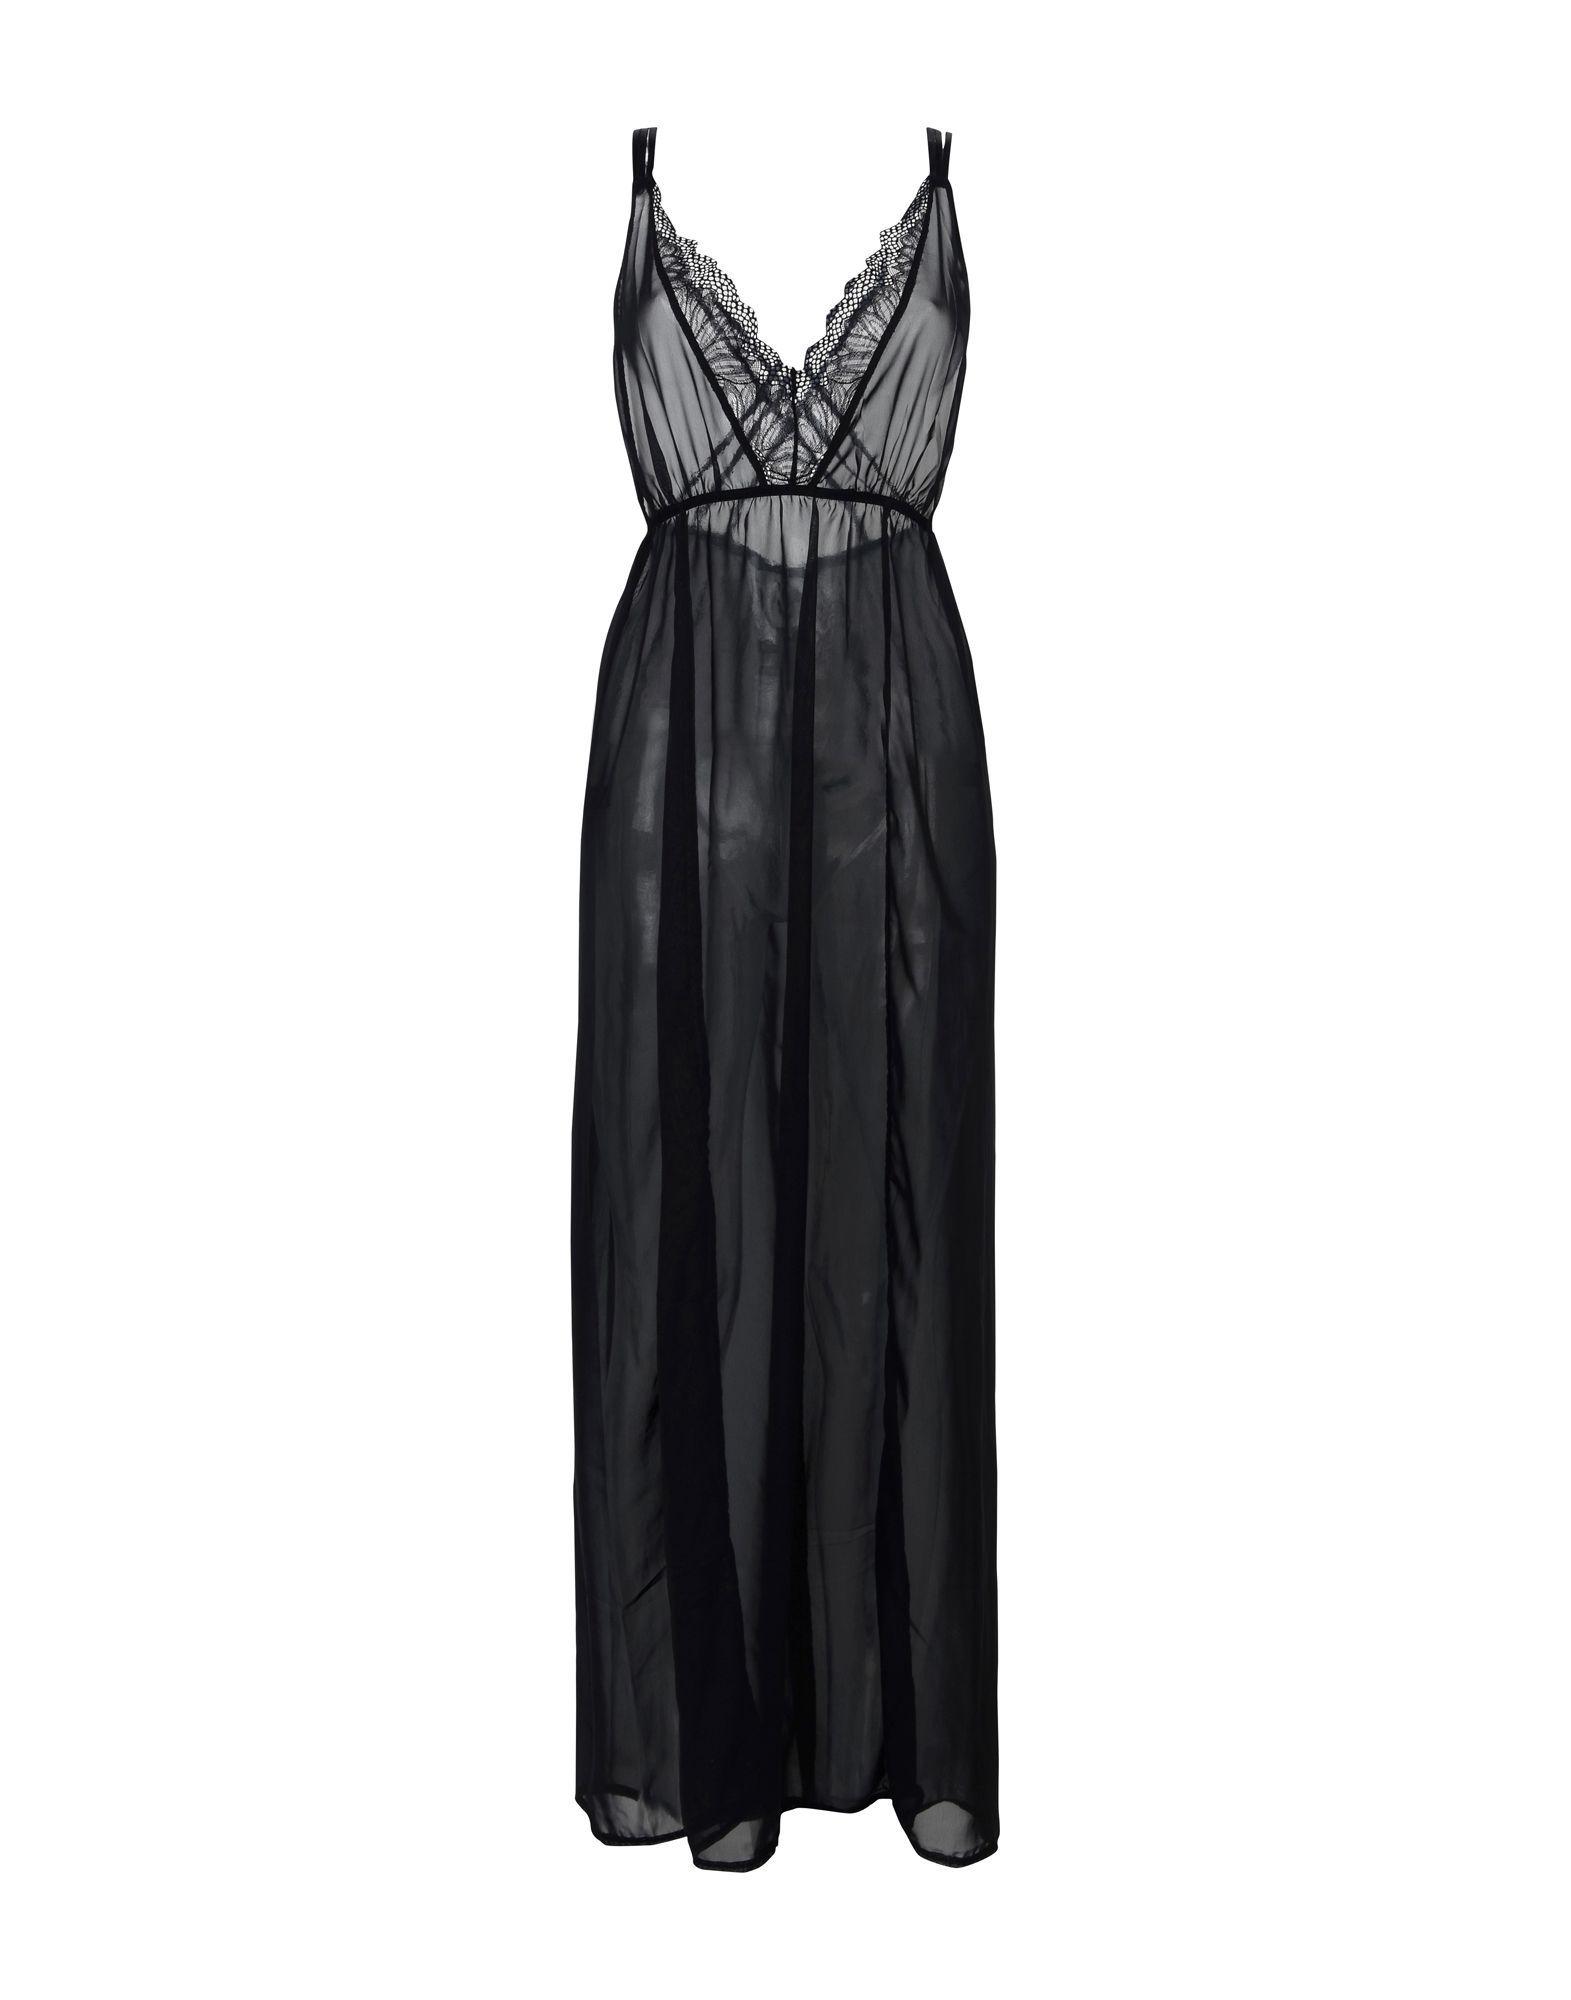 Bluebella Black Lace And Chiffon Full Length Nightdress